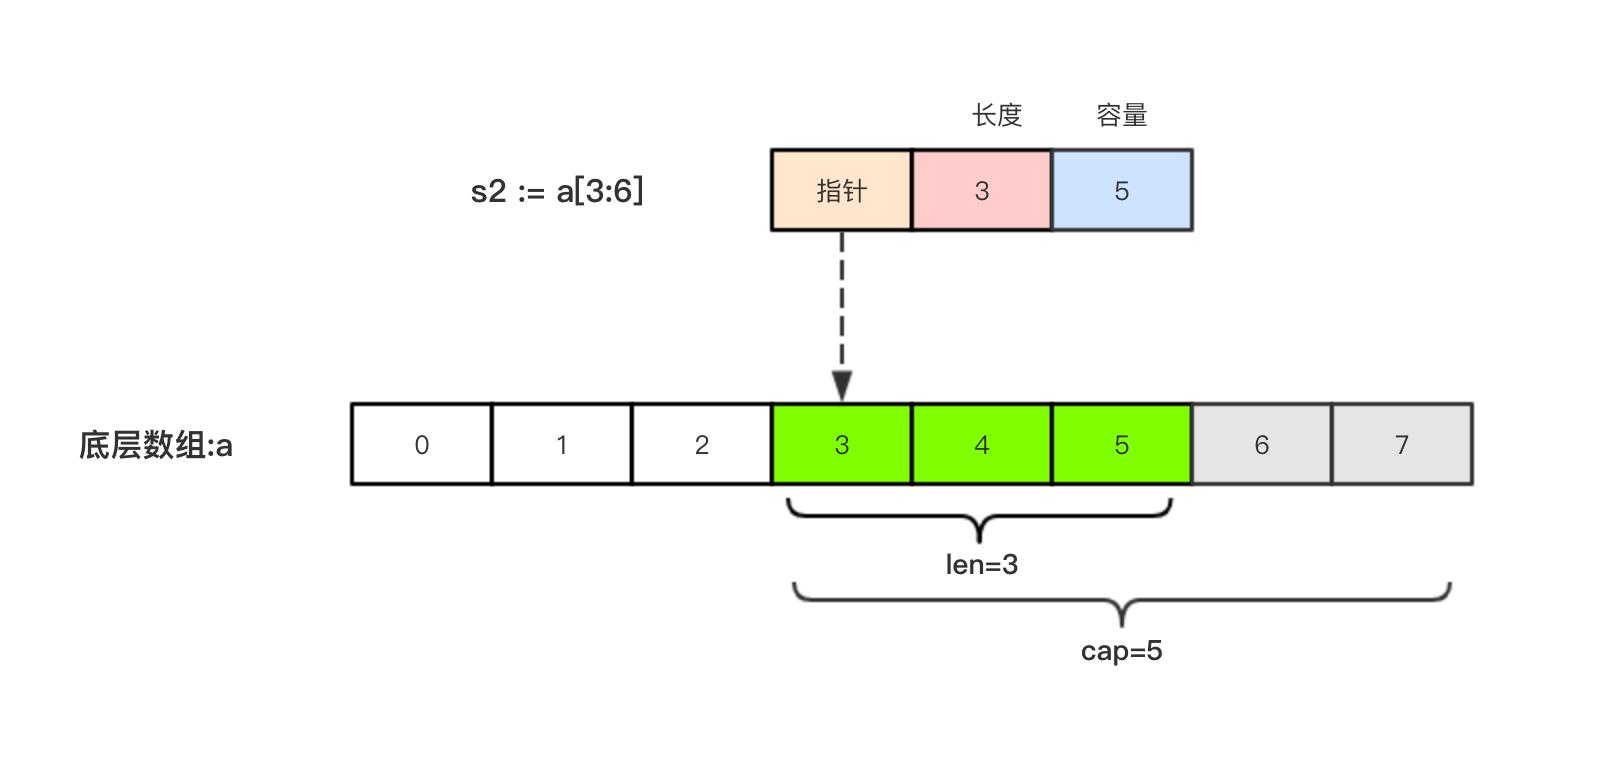 slice_02